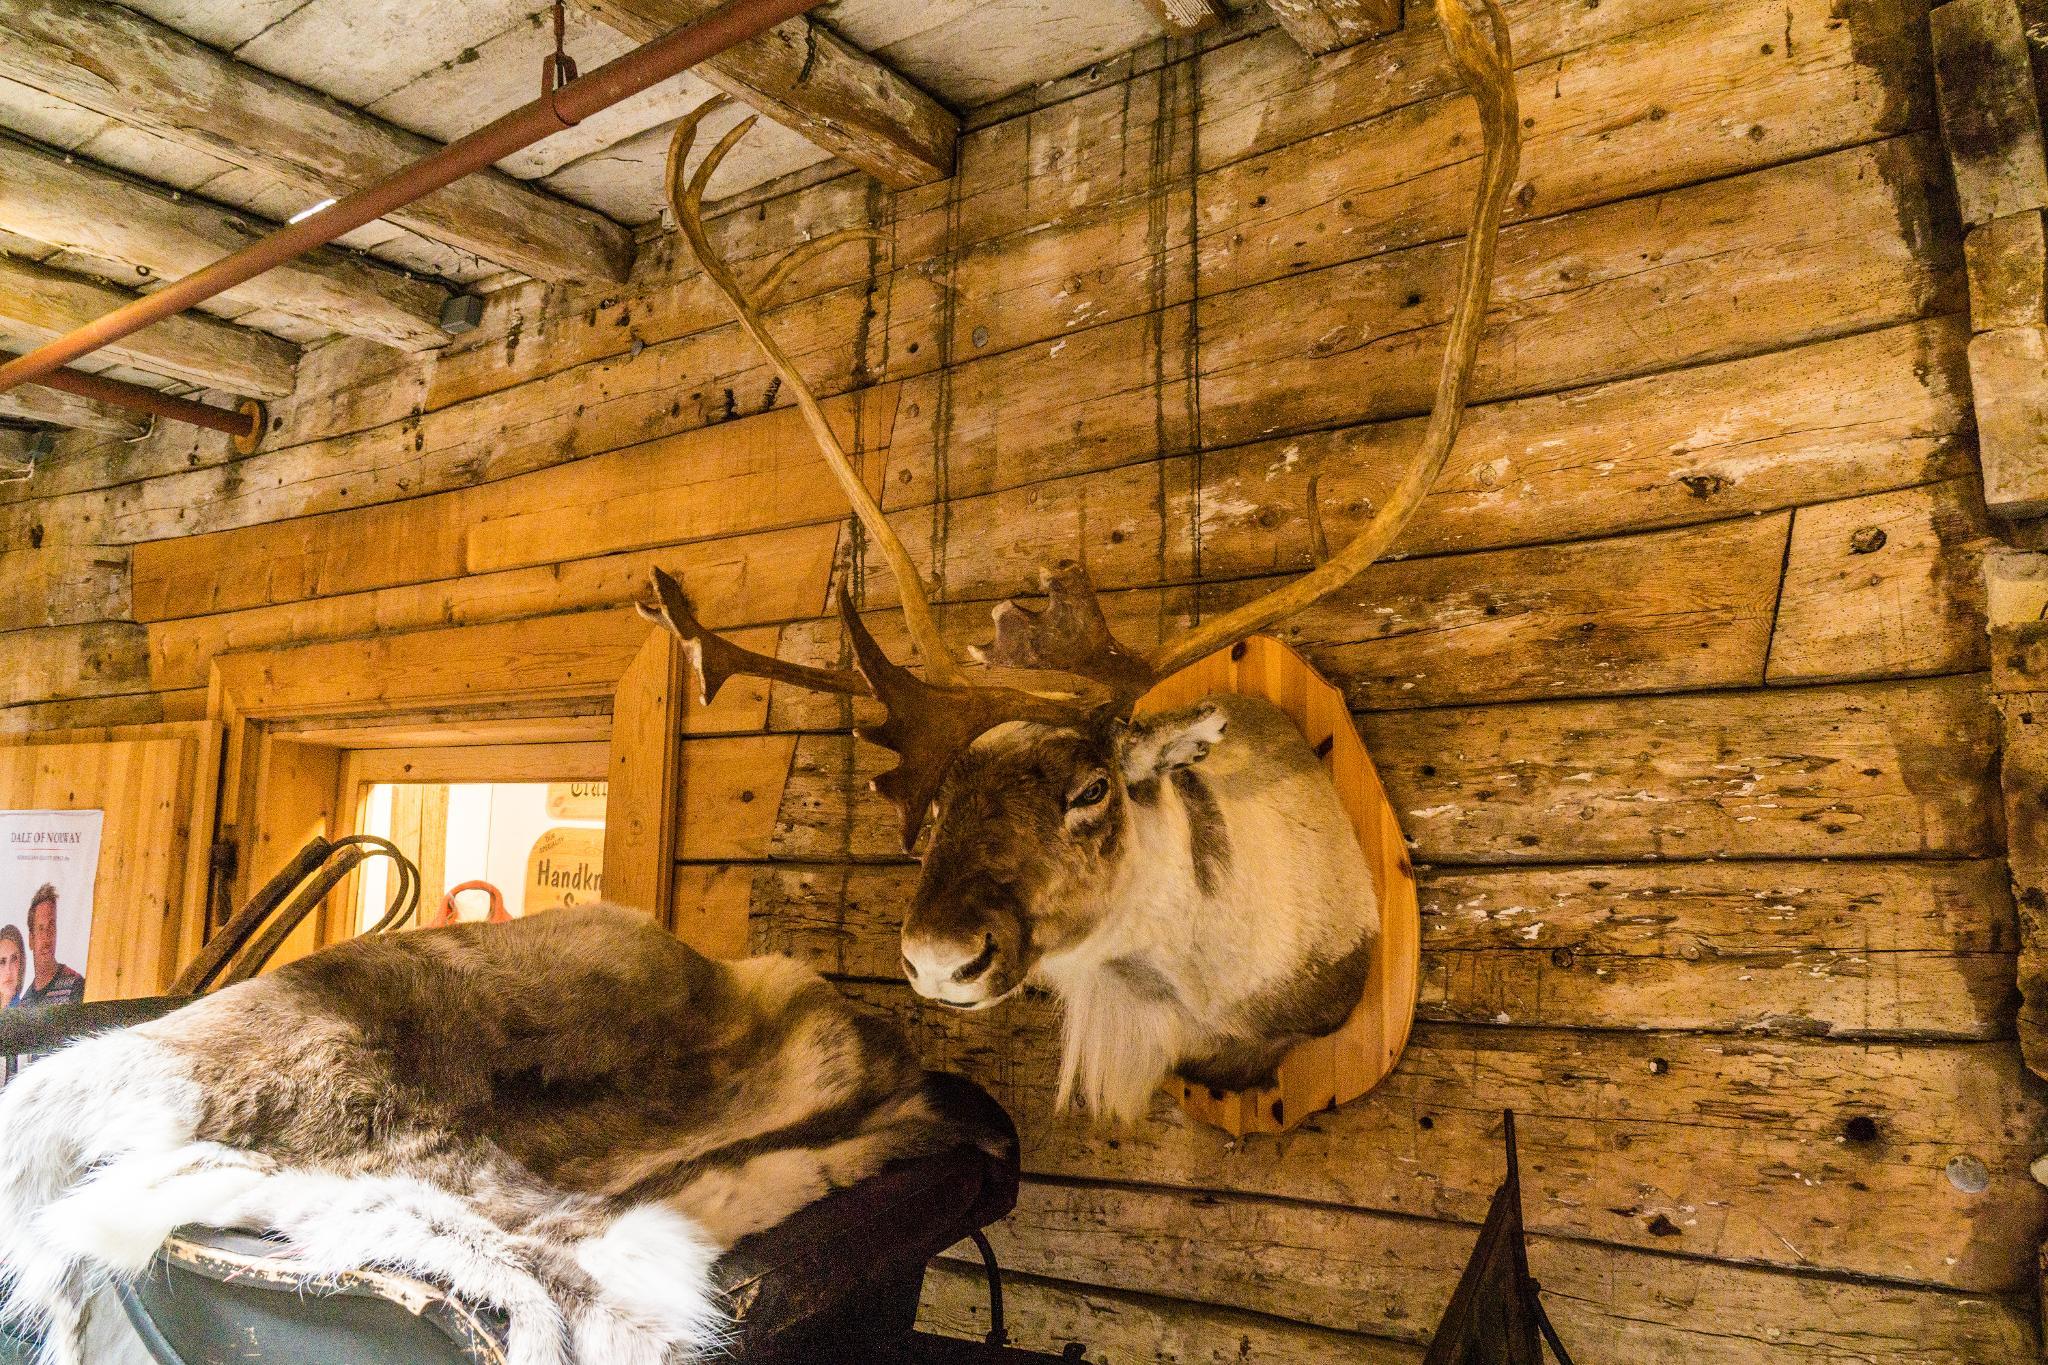 【卑爾根】Bryggen 世界遺產布呂根 — 迷失在百年歷史的挪威彩色木屋 17